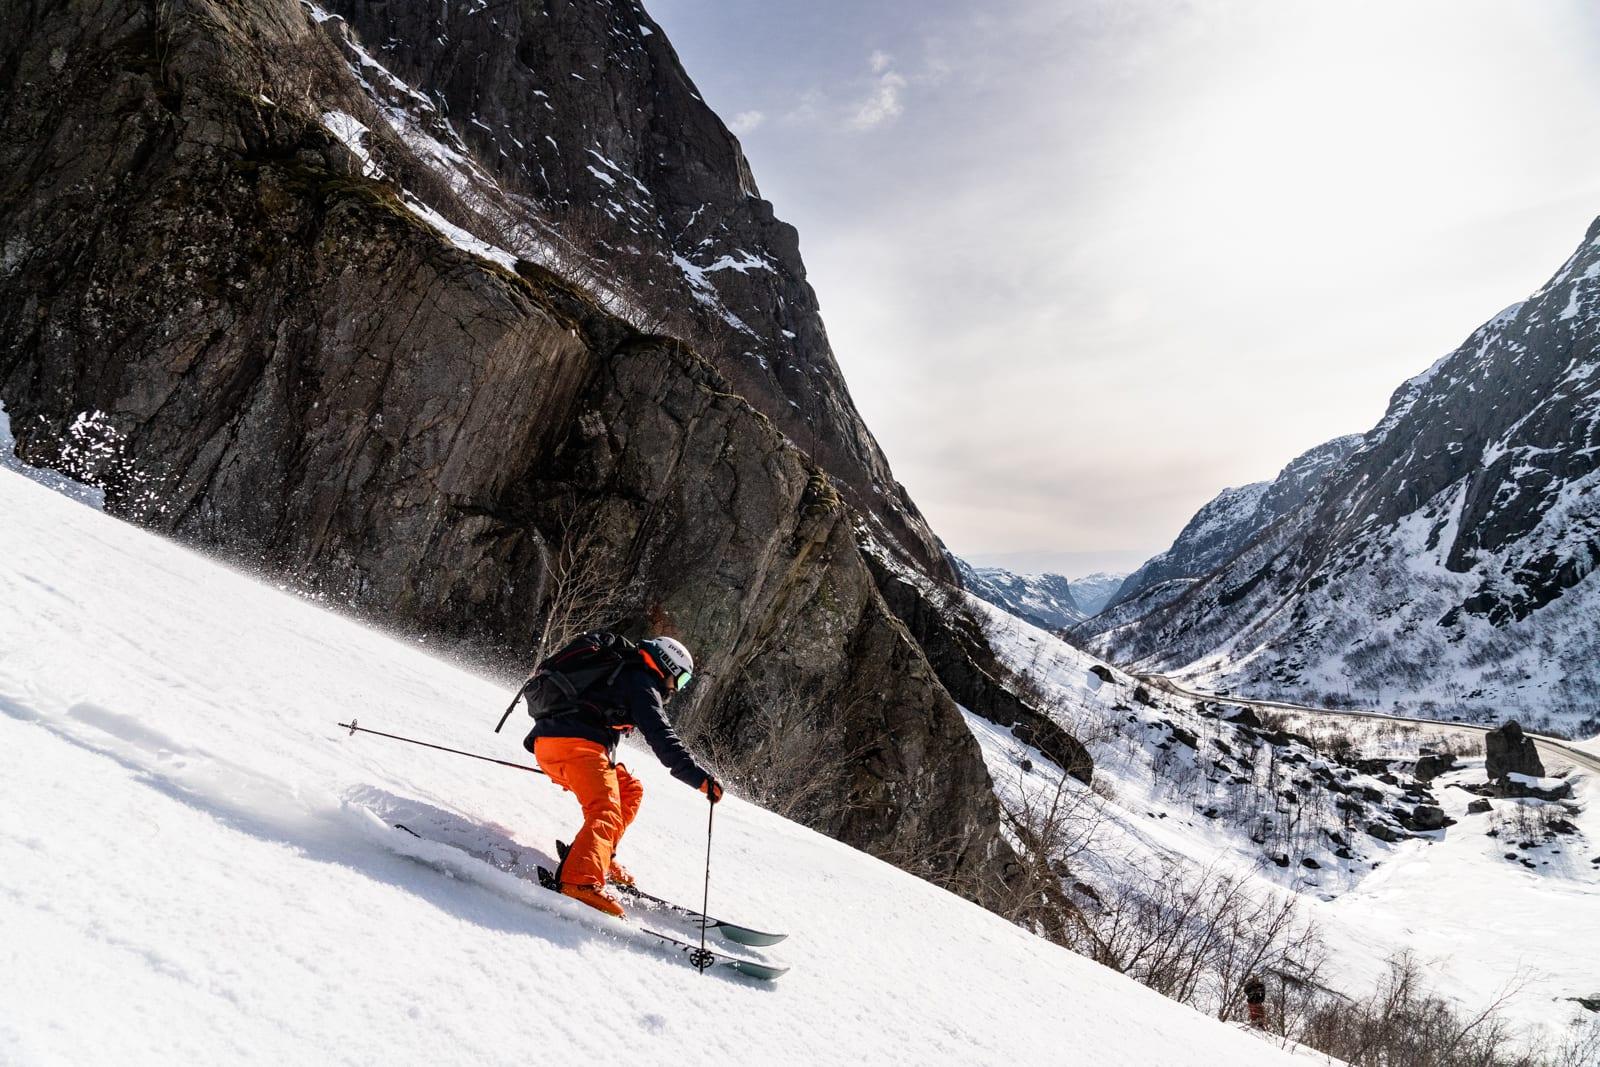 WALL STREET: Så snart sola fikk tilgang på snøen, ble det «drømmeføre» i utgangen av den legendariske renna «Wall Street» i Hunnedalen. Bård Gundersen på vei til Sola flyplass. Bilde: Christian Nerdrum